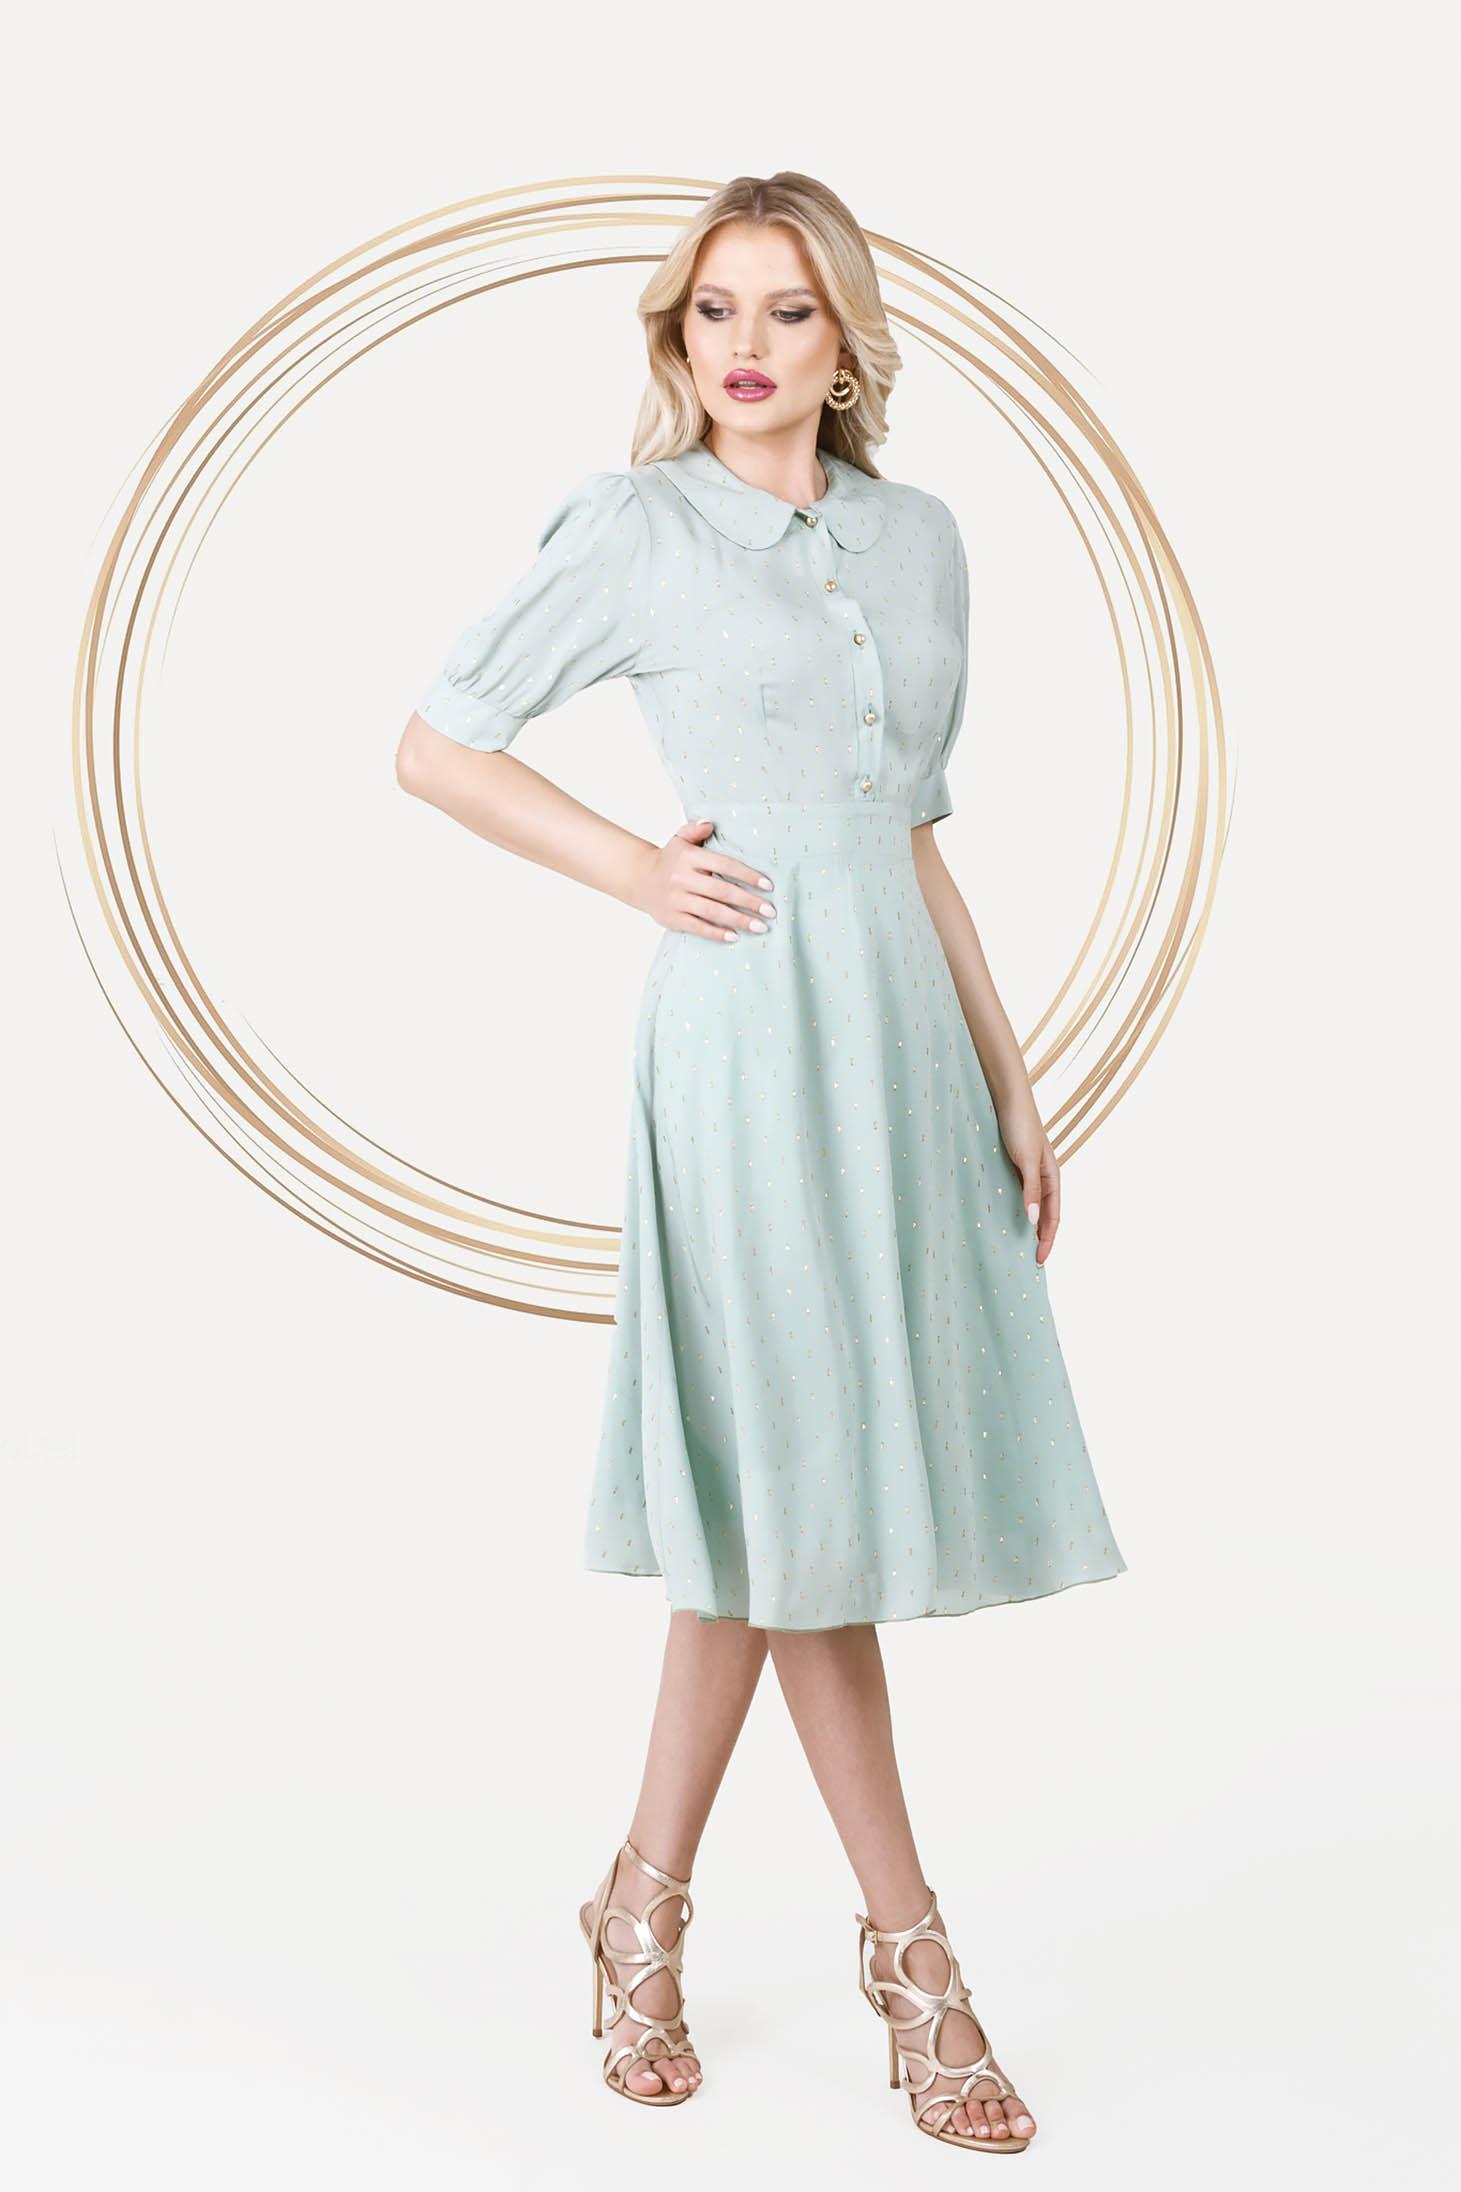 Mentazöld bő ujjú elegáns midi harang ruha vékony anyagból